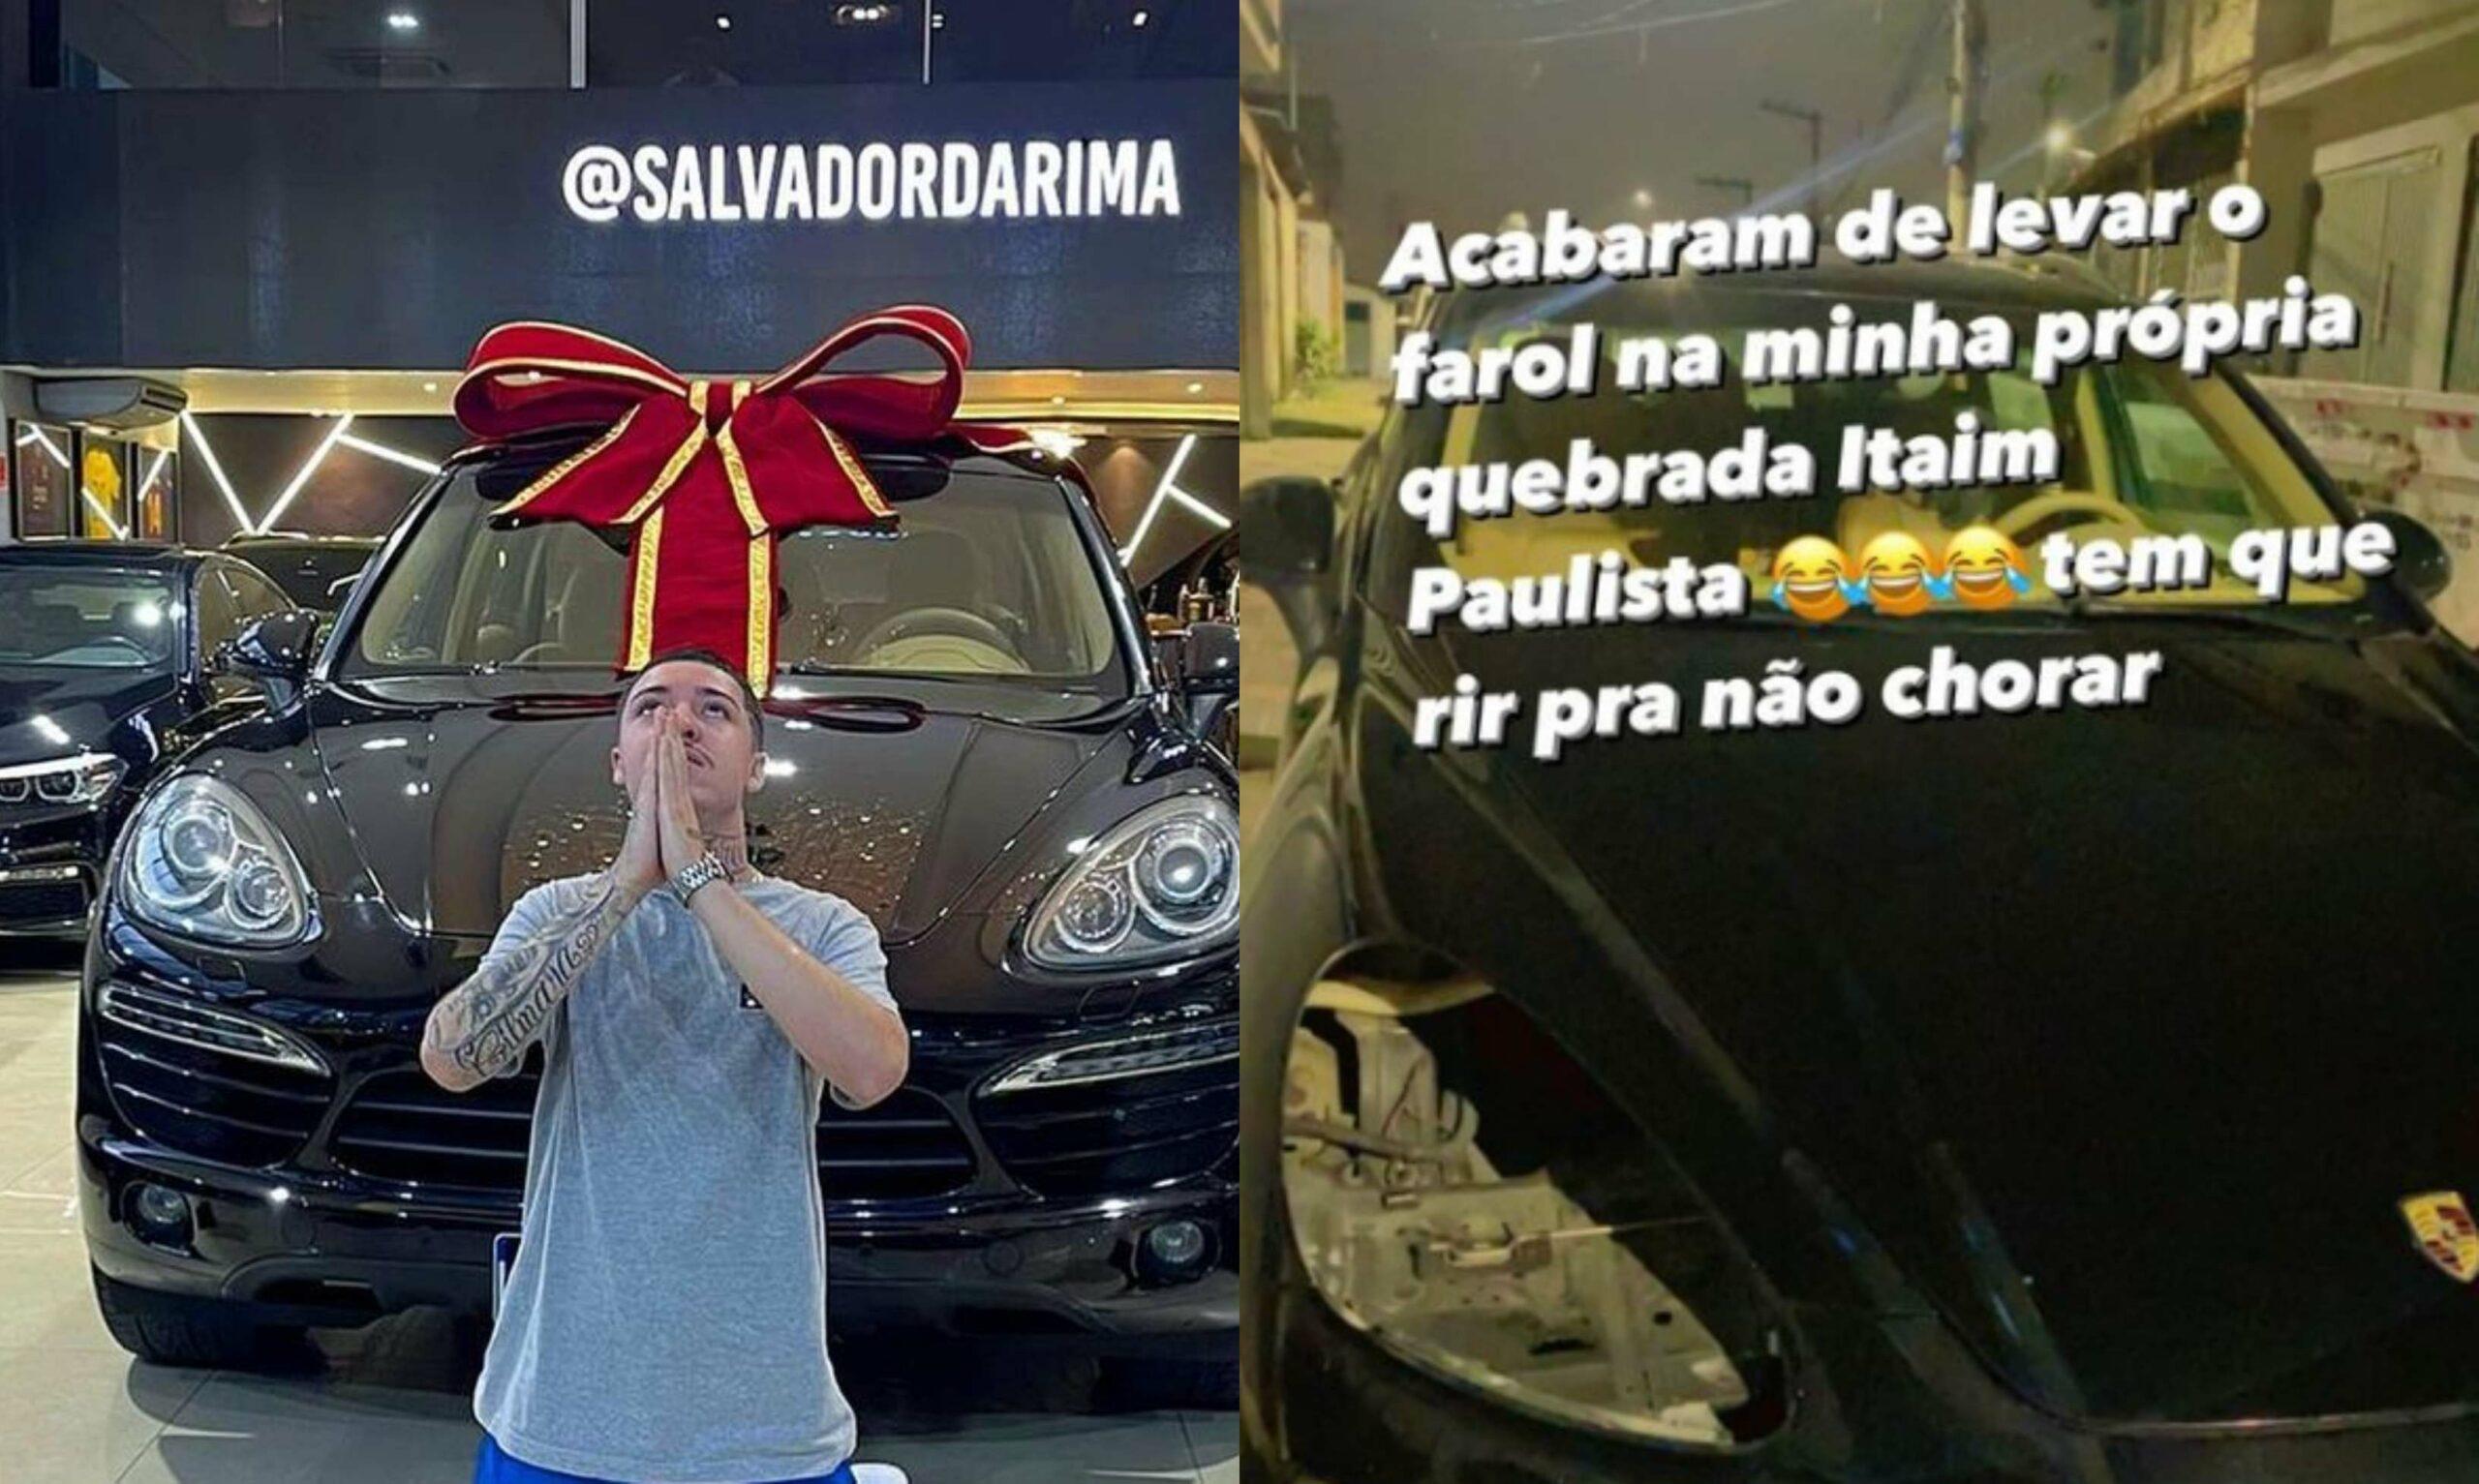 Salvador da Rima tem farol da Porsche Cayenne roubado